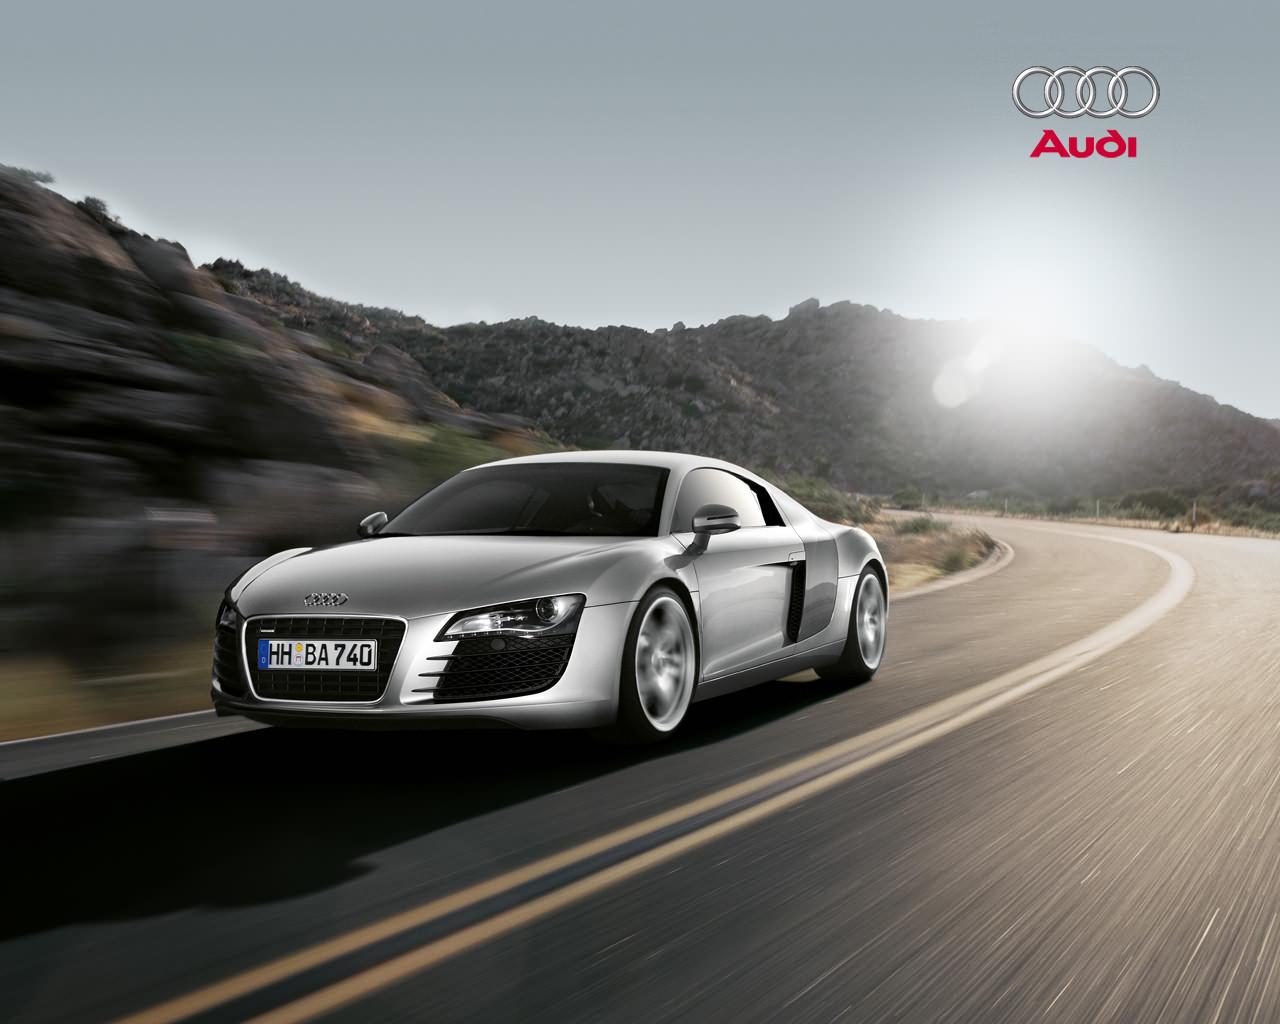 Audi R8 Cars Audi R8 Wallpaper 1280x1024